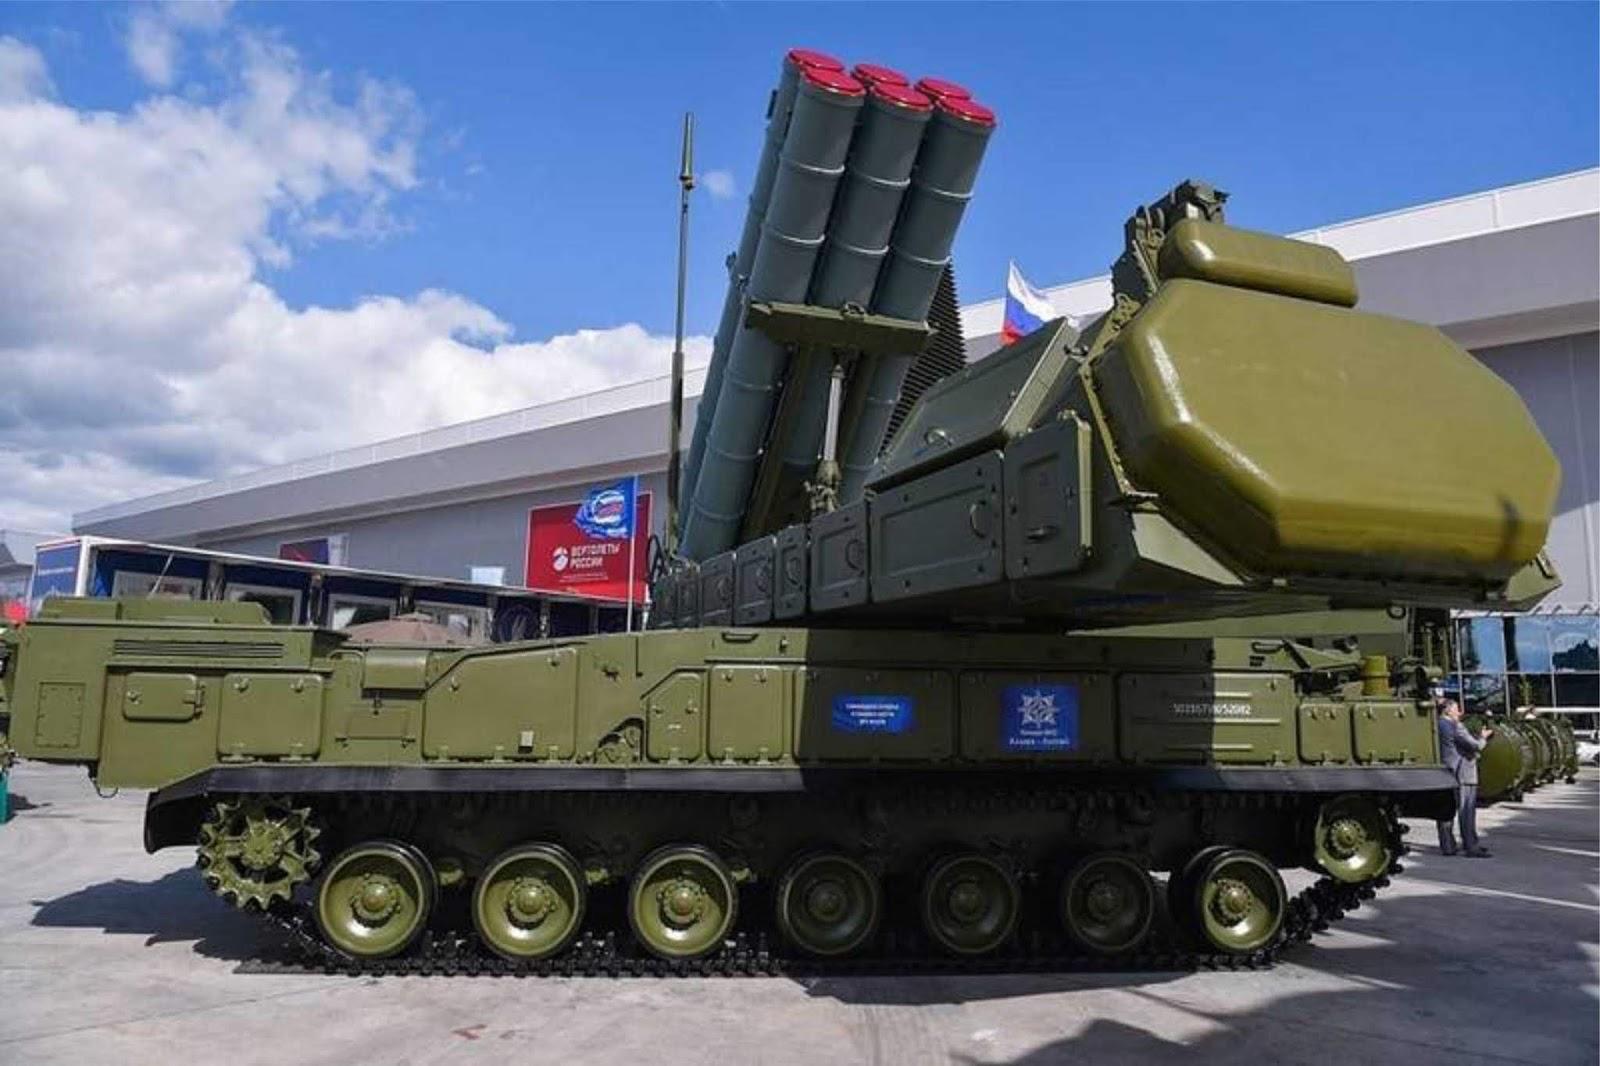 Sistem pertahanan udara Buk-M3 Viking mulai dipamerkan di luar negeri